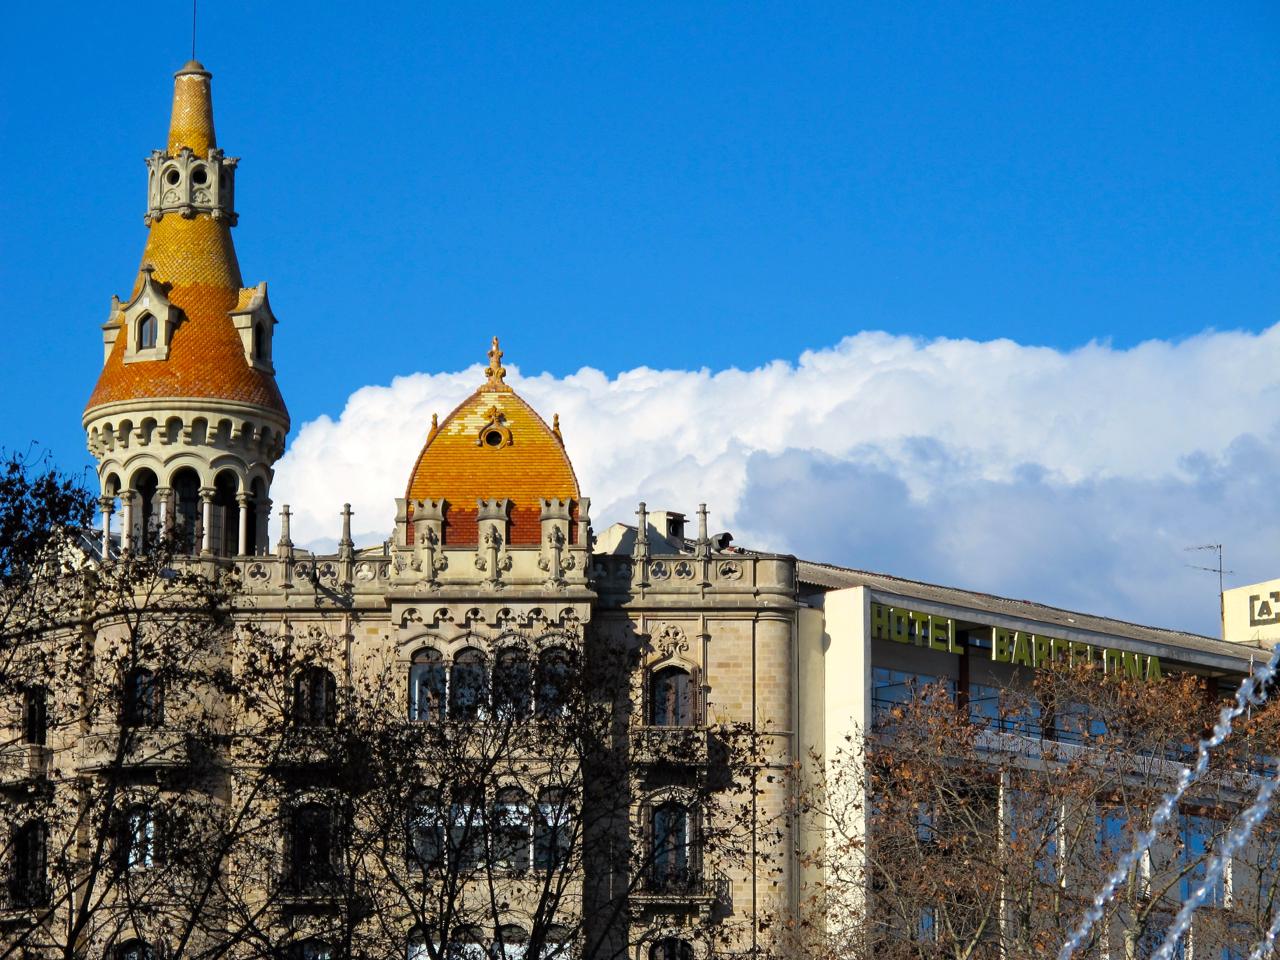 Der blaue Himmel Barcelonas - Sehenswürdigkeit oder Naturspektakel?